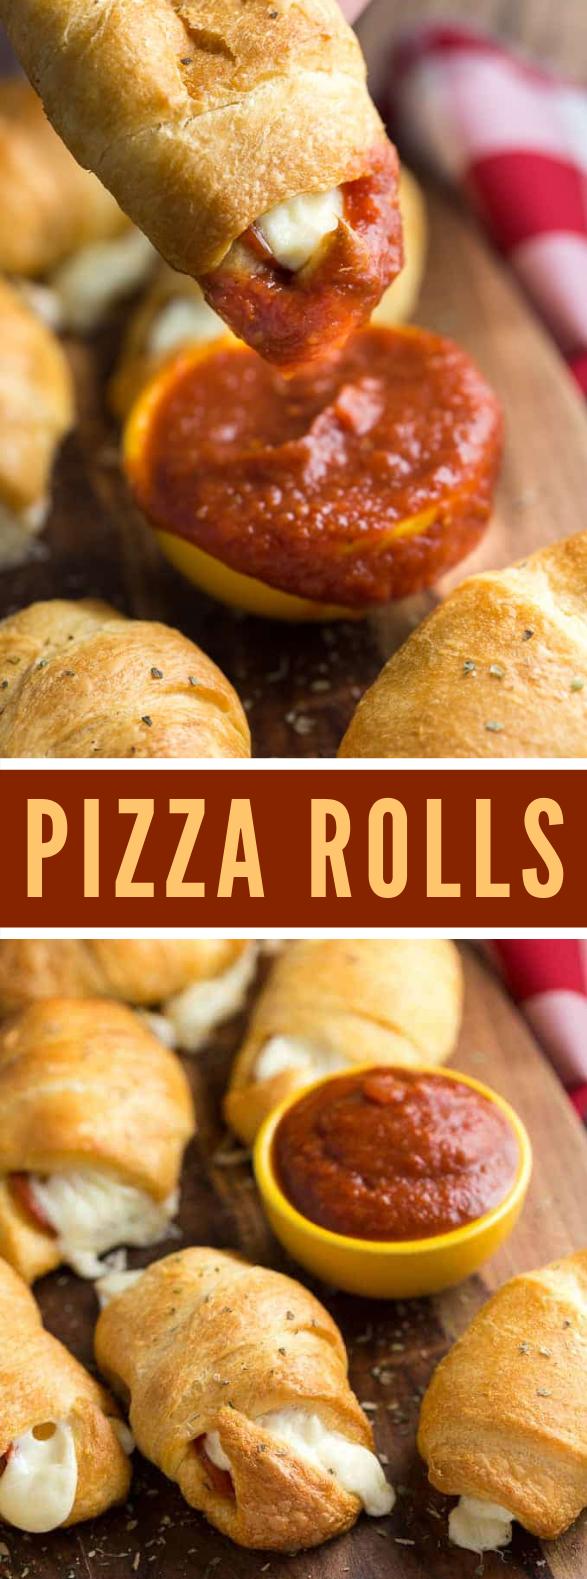 Pizza Rolls #appetizers #kidsfriendly